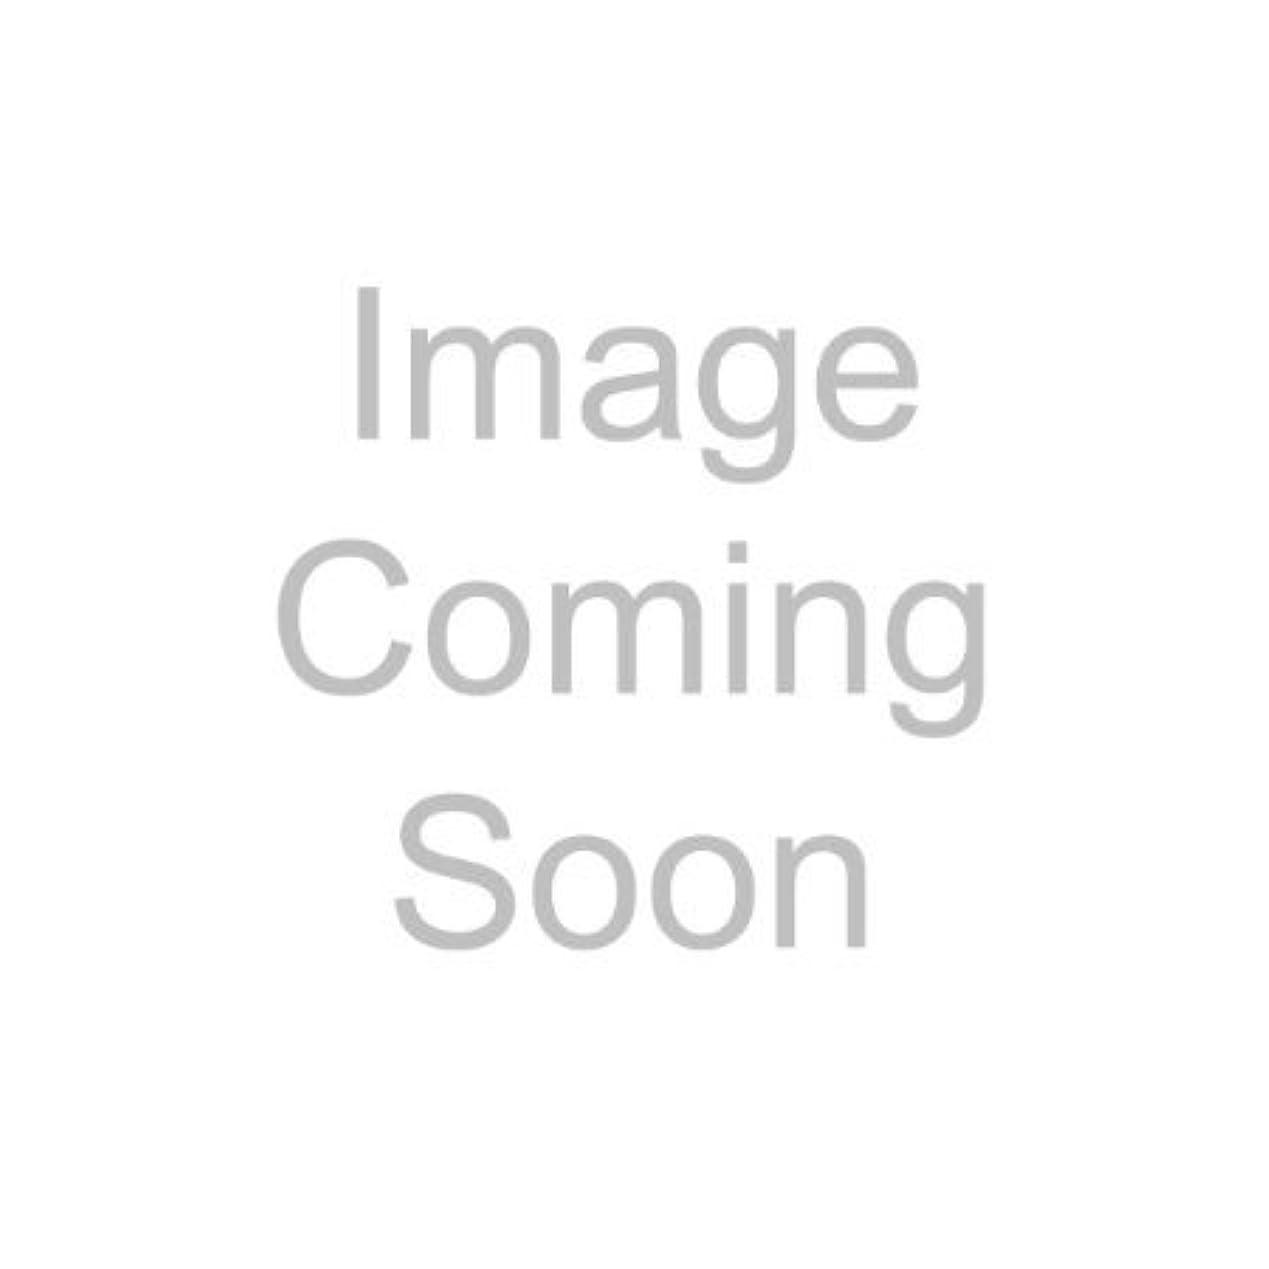 ピンちなみに中毒エリザベスアーデン ビジブル ホワイトニング メラニン コントロール ナイトカプセル トラベルセット 17.2mlx3(37カプセルx3) [並行輸入品]